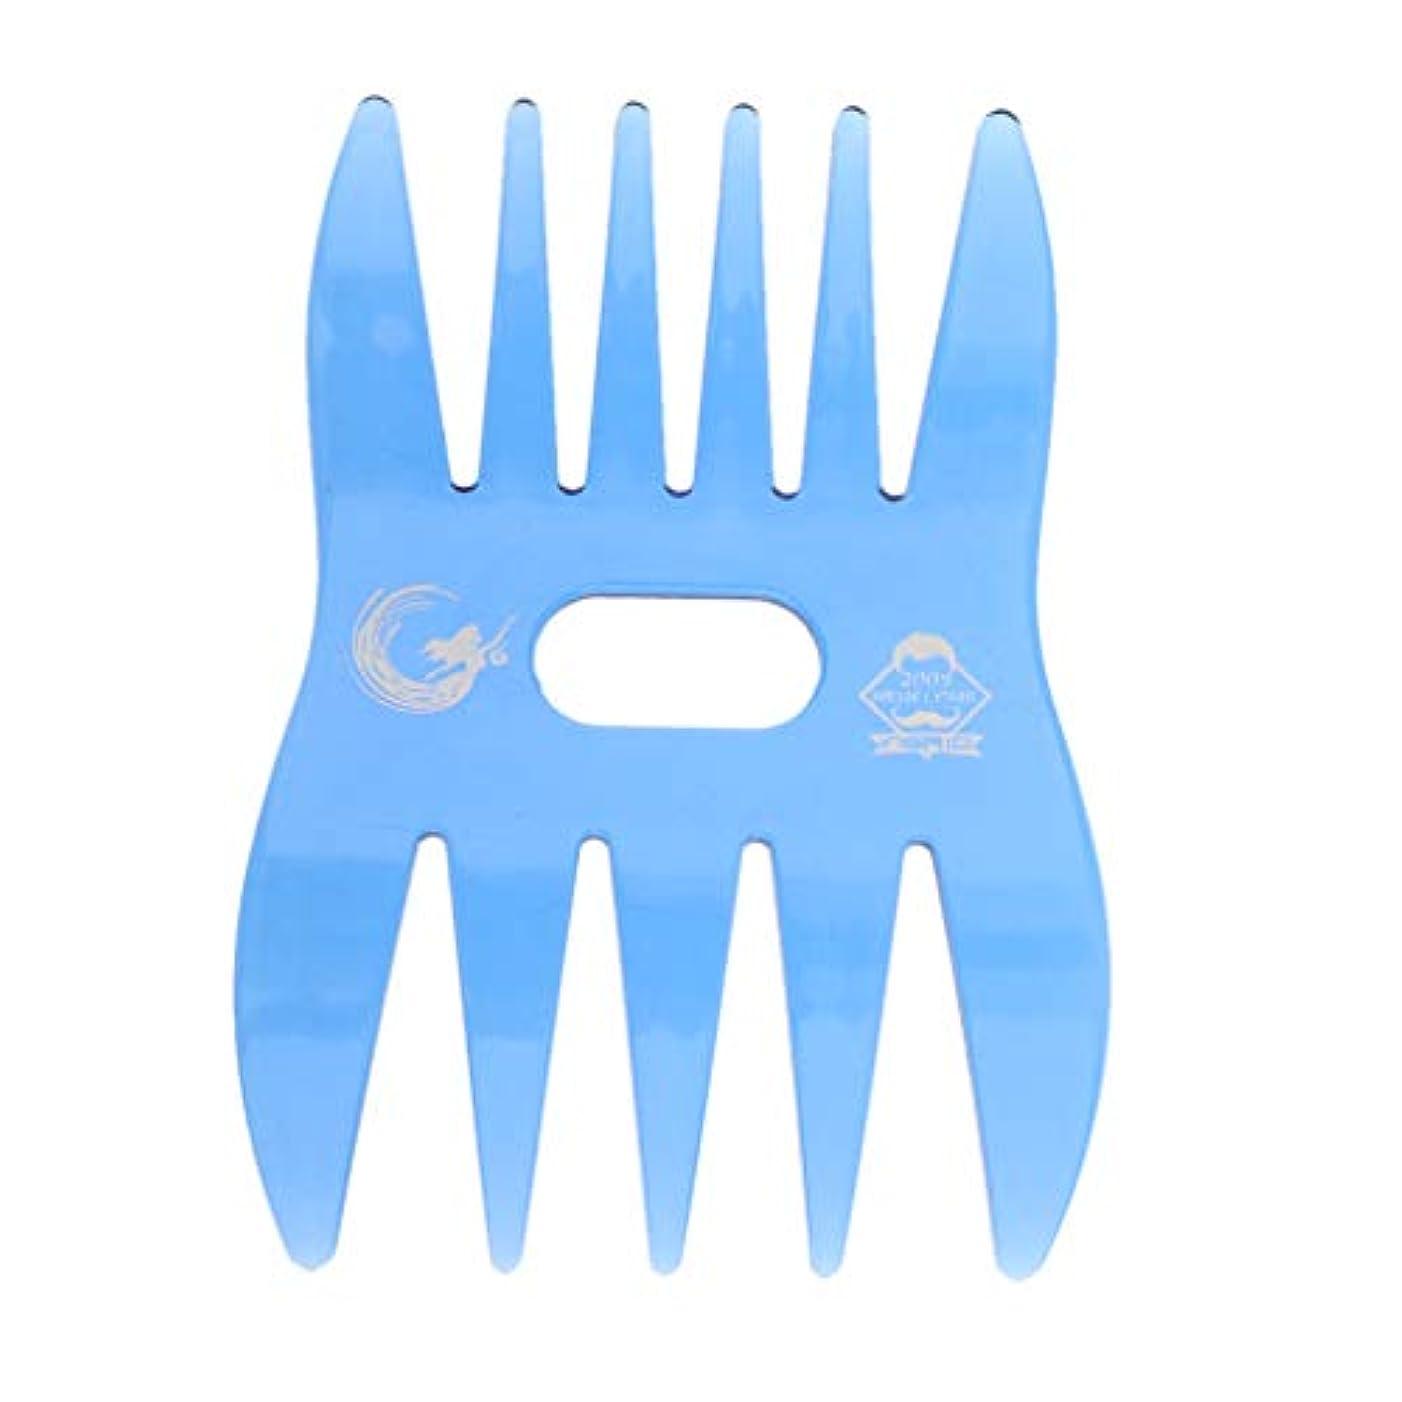 細分化する瞑想的シーケンスヘアコーム ヘアブラシ デュアルサイド ワイド 細かい歯 プロ ヘアスタイリスト 櫛 4色選べ - 青